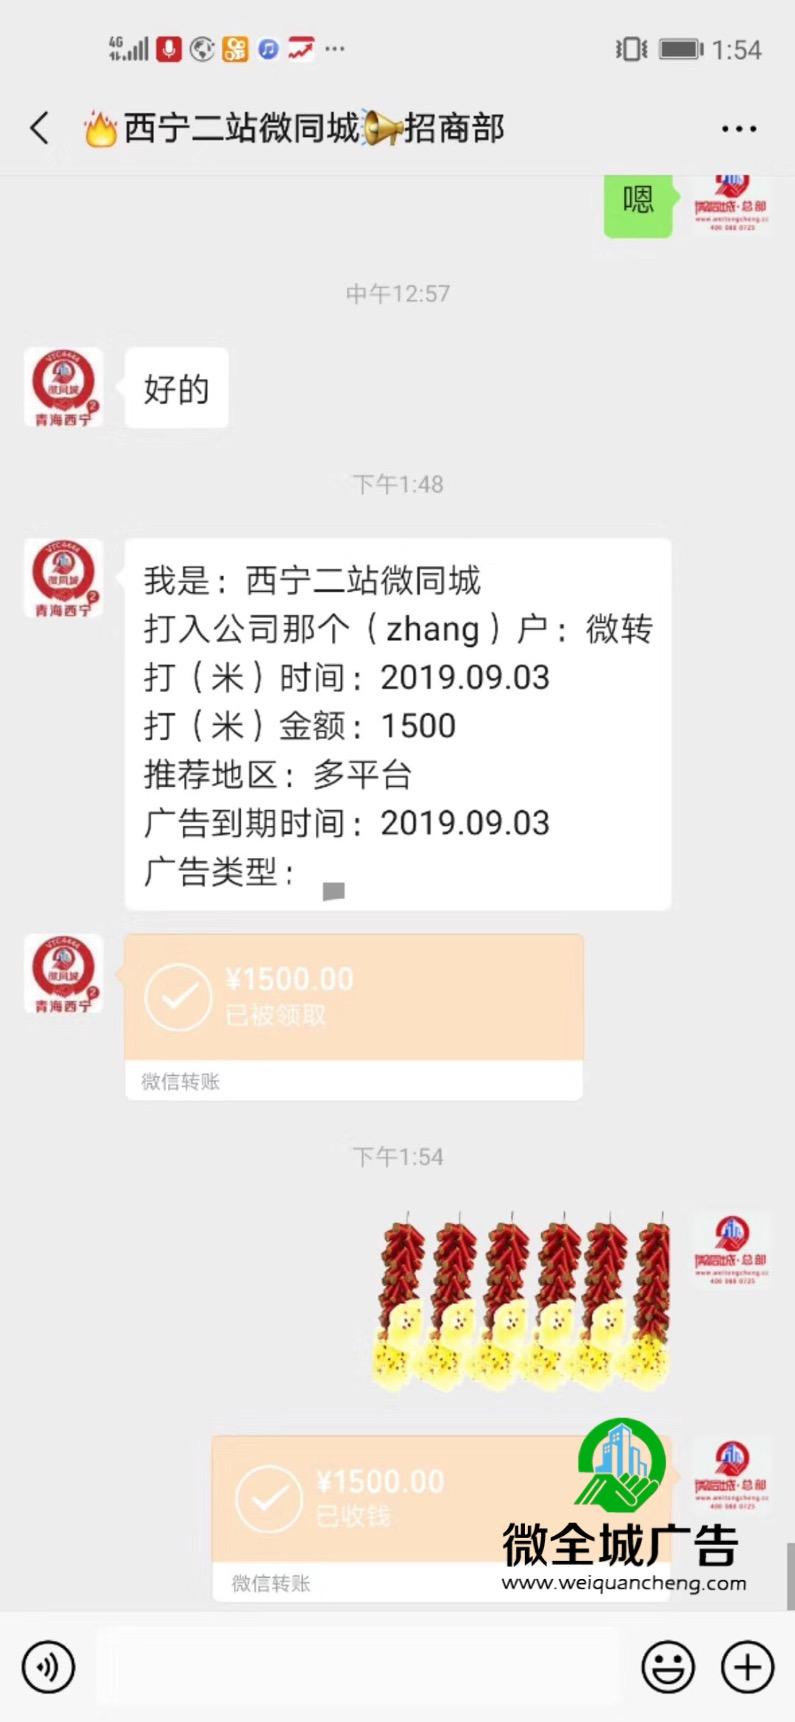 【又一商家多平台推广】祝贺西宁微全城微帮二站